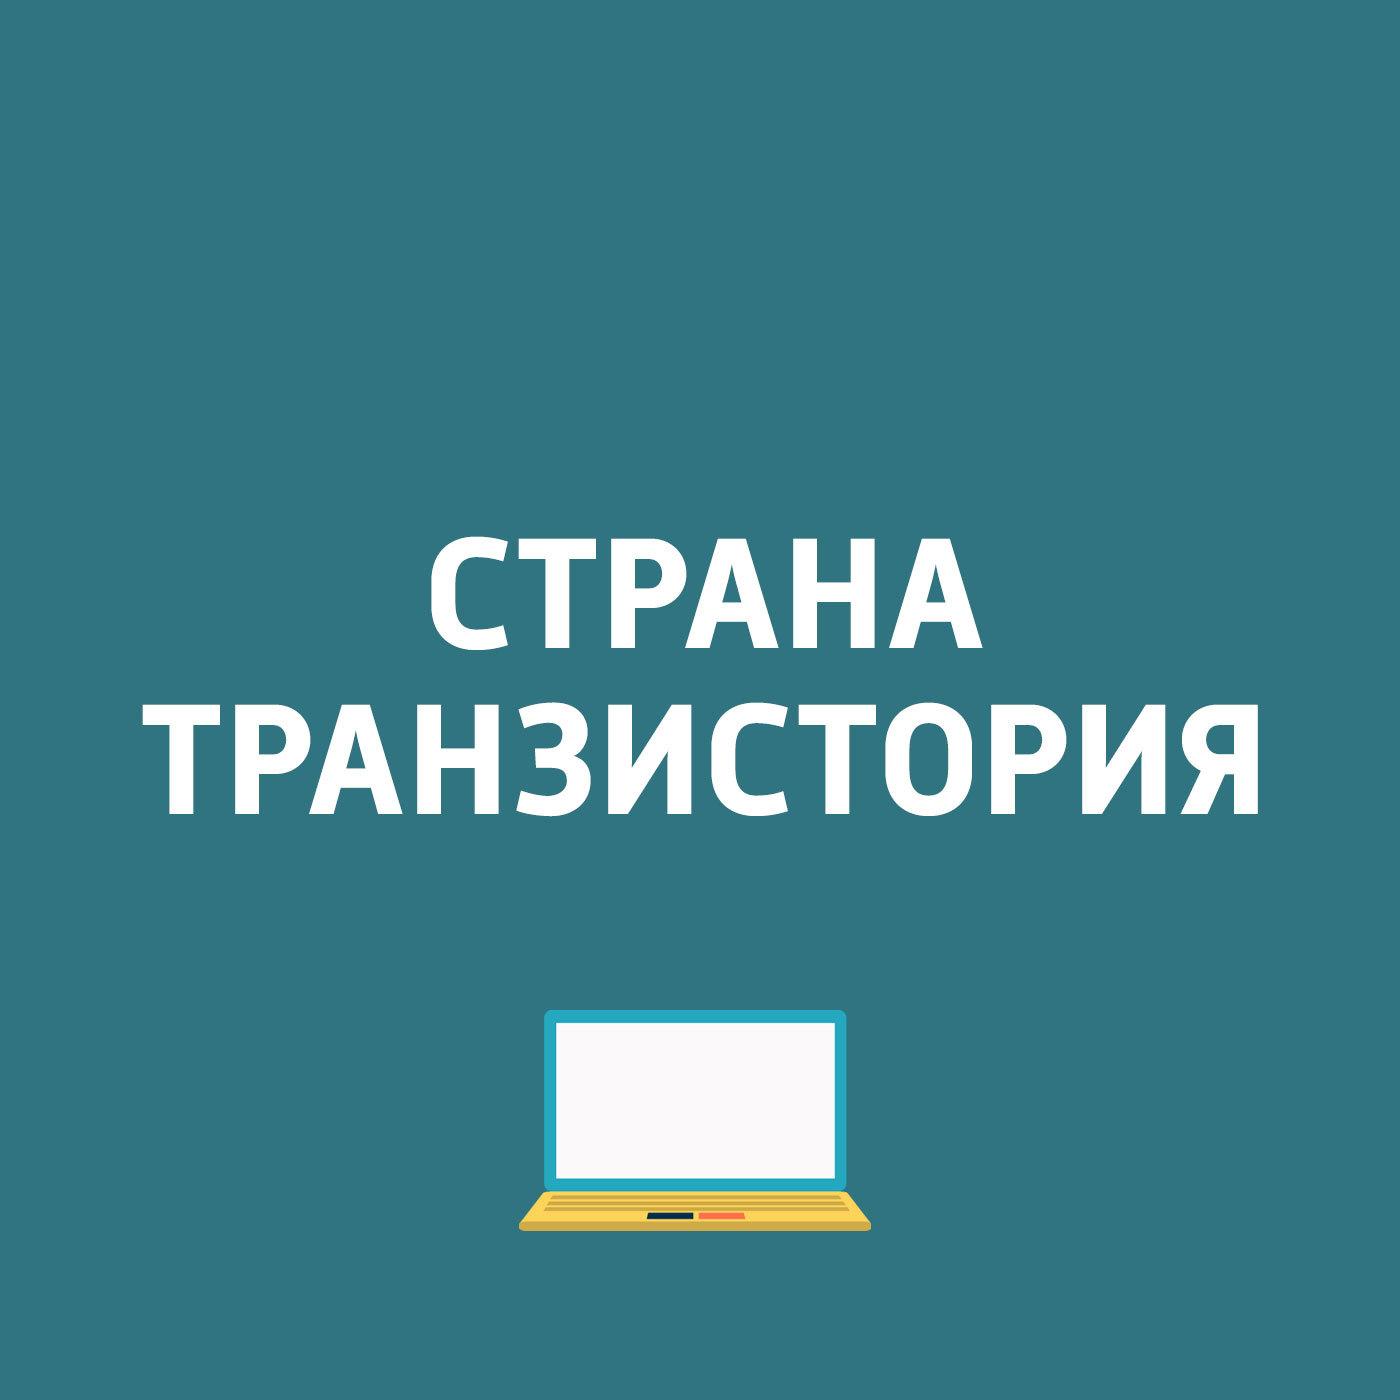 Картаев Павел NVIDIA представила компьютер с искусственным интеллектом; Samsung Pay картаев павел hmd global выпустила смартфон nokia 8 eset обнаружила вирус для устройств на андроиде